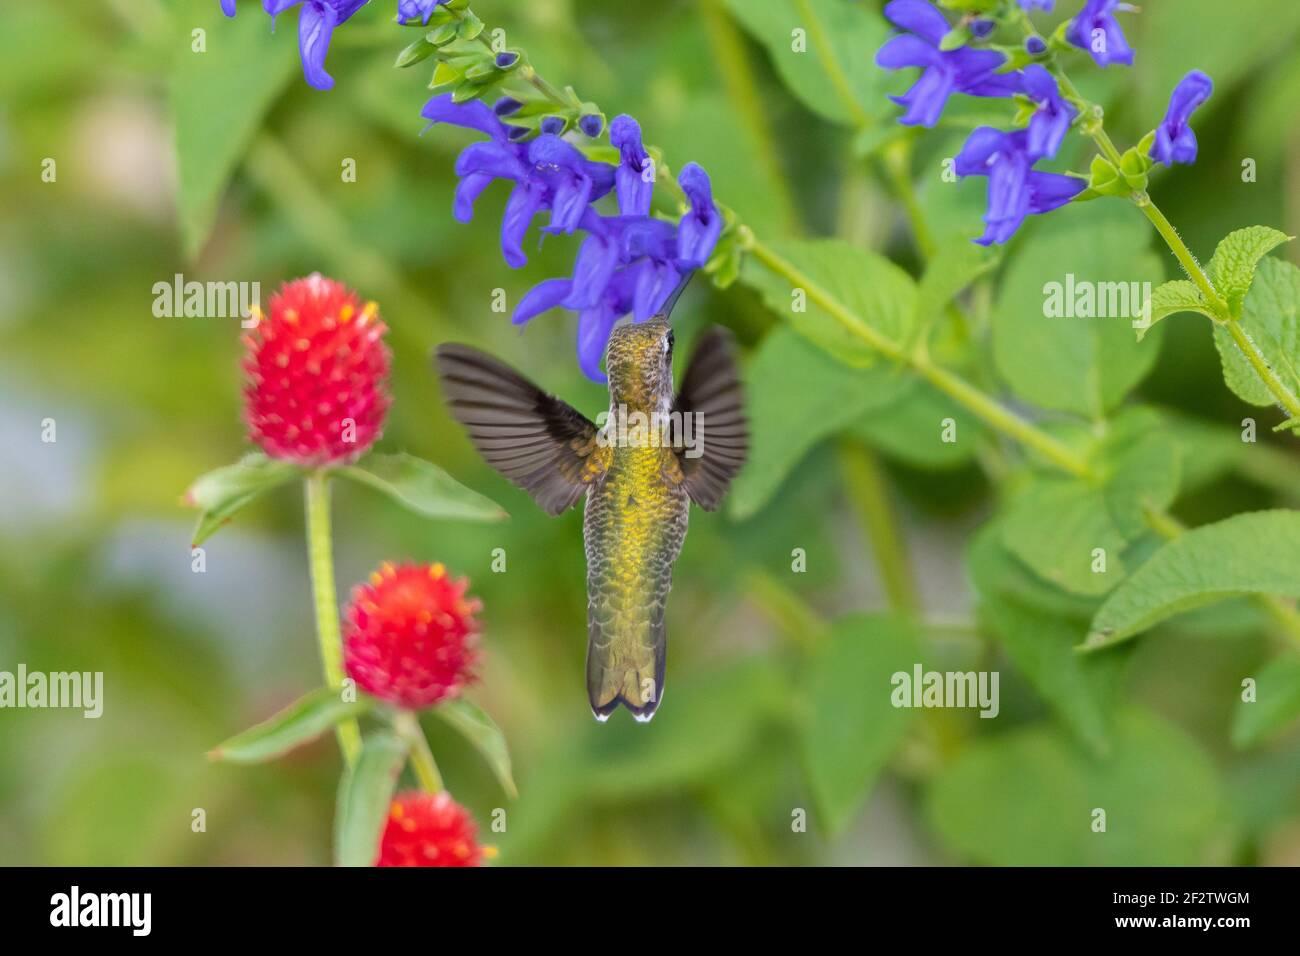 01162-15907 Hummingbird de garganta rubí (Archilochus colubris) en el Blue Ensign Salvia (Salvia guaranitica ' Blue Ensign') Marion Co. IL Foto de stock